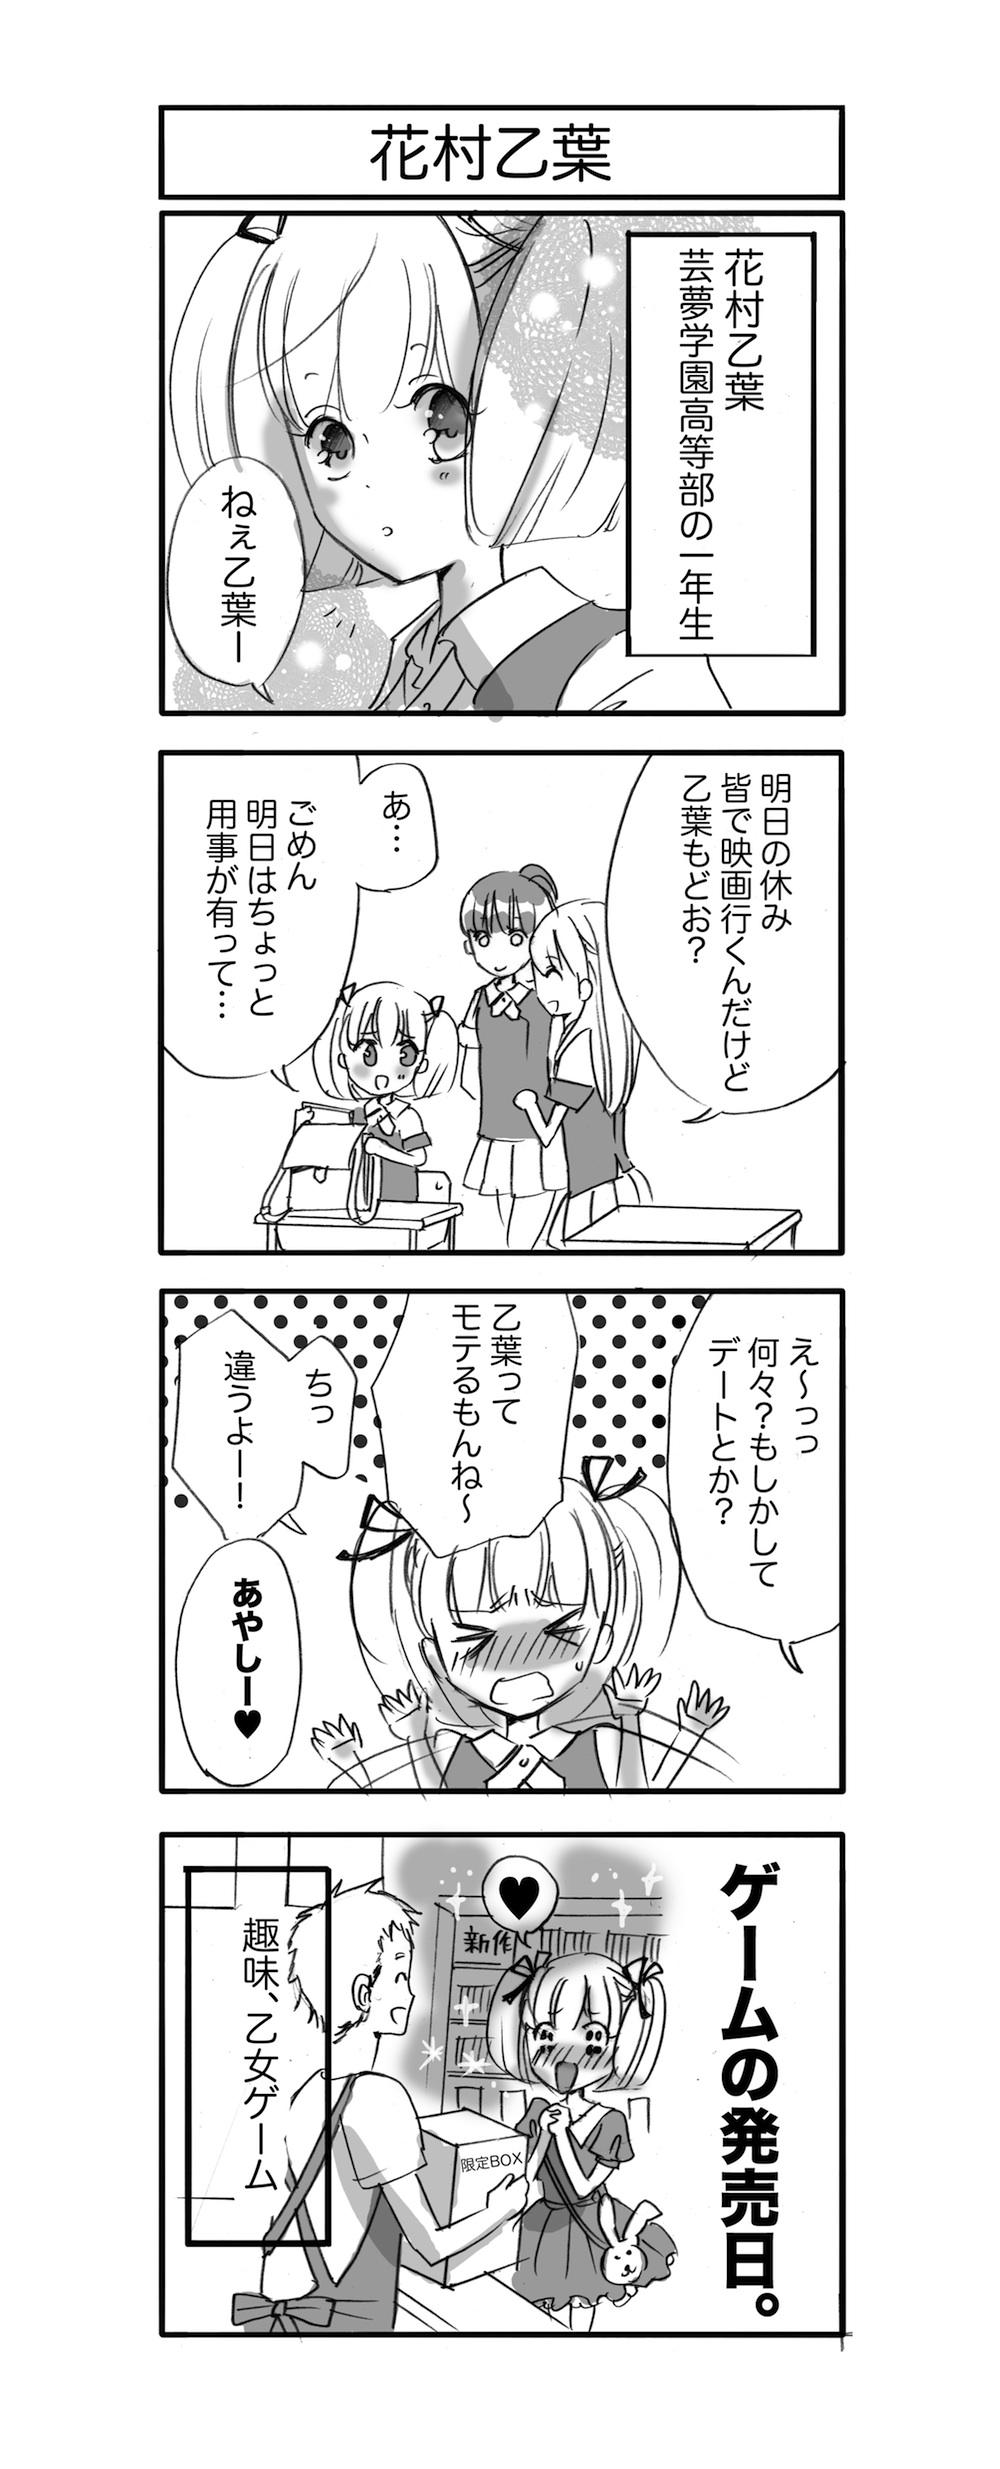 「芸夢学園高等部っ!」第二話 花村乙葉